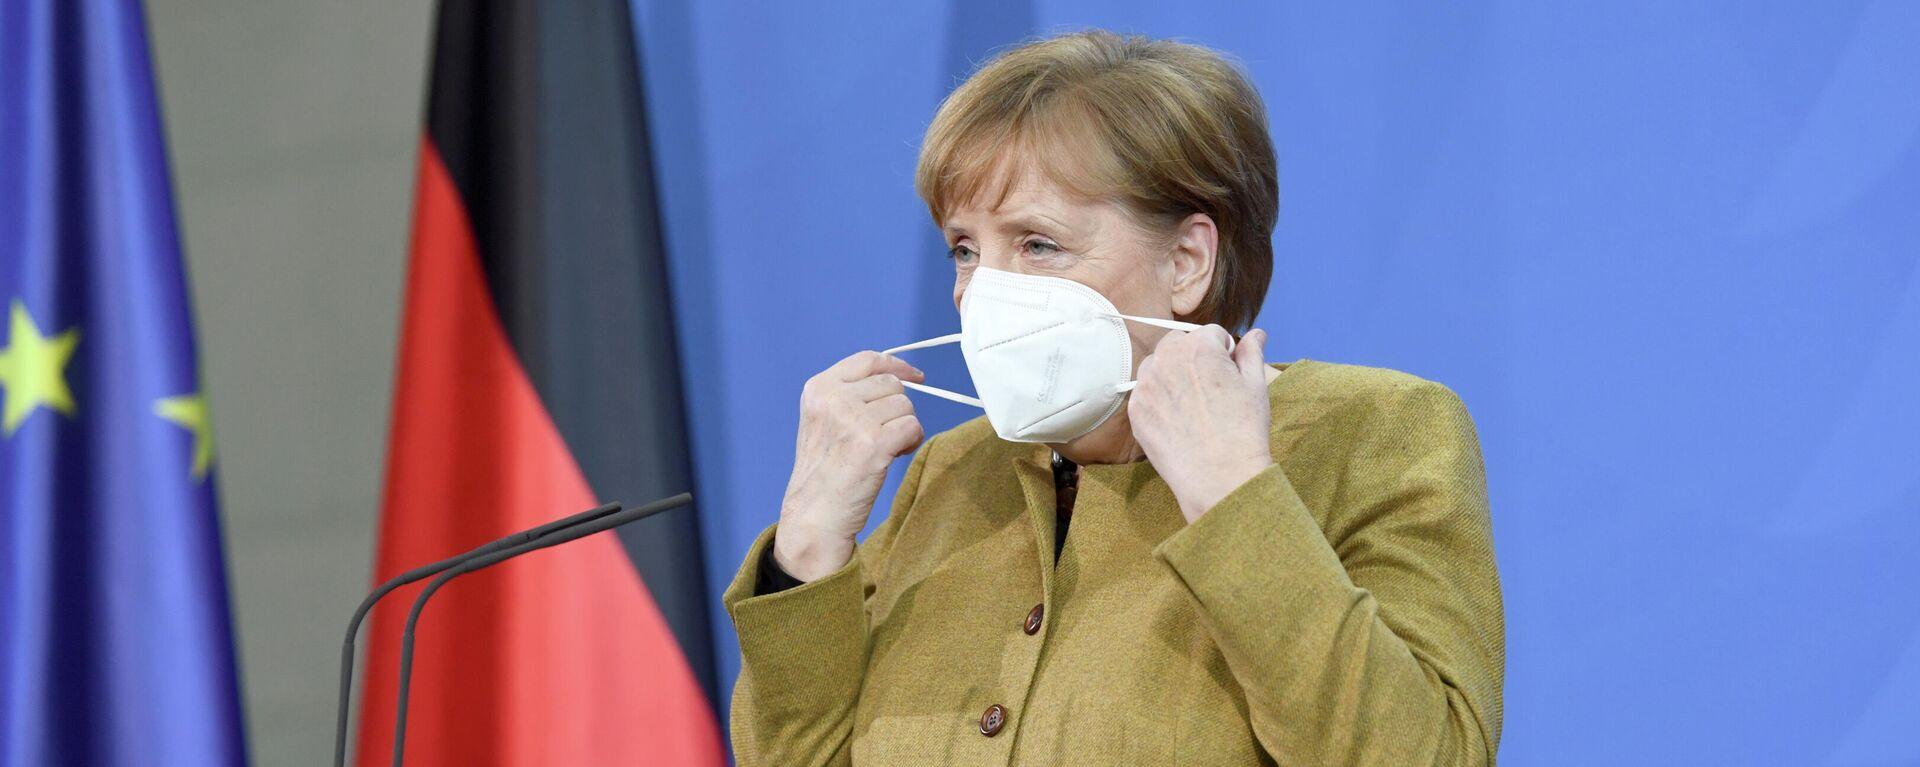 Bundeskanzlerin Angela Merkel gibt eine Pressekonferenz nach dem G7-Gipfel, 19. Februar 2021 - SNA, 1920, 20.02.2021